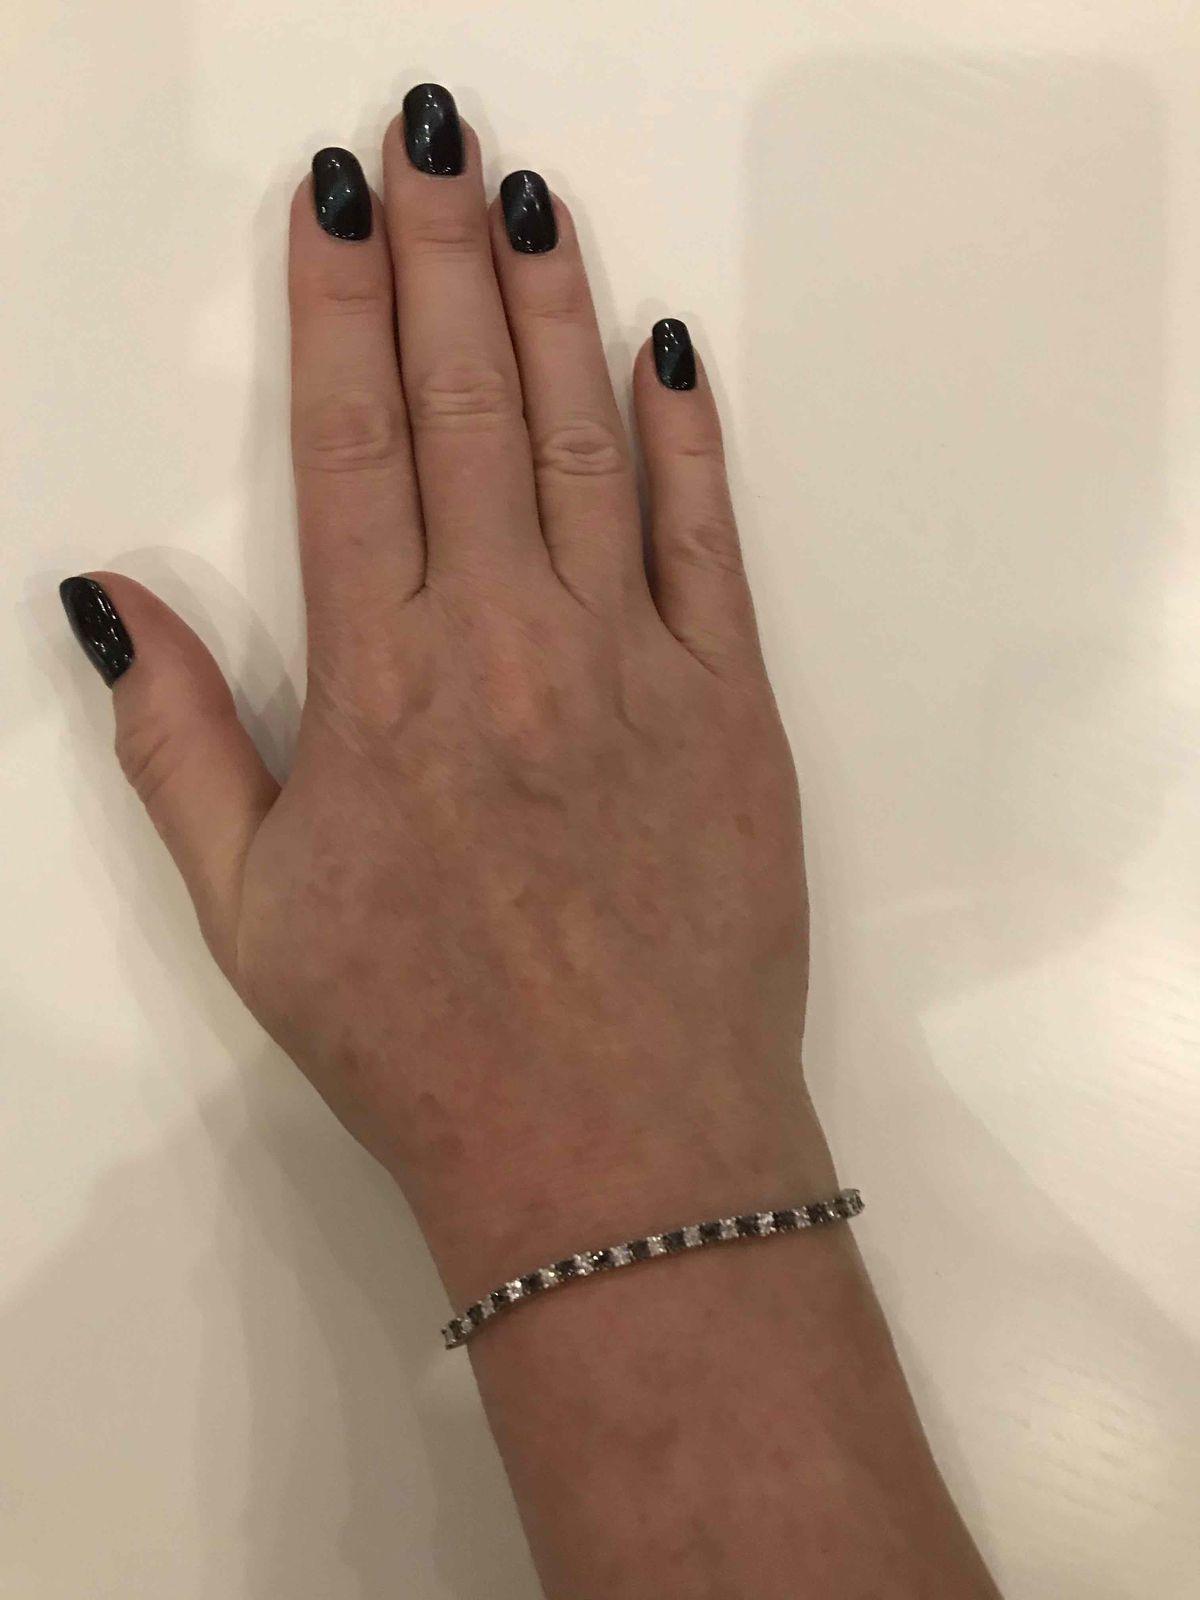 Браслет из черных и белых бриллиантов